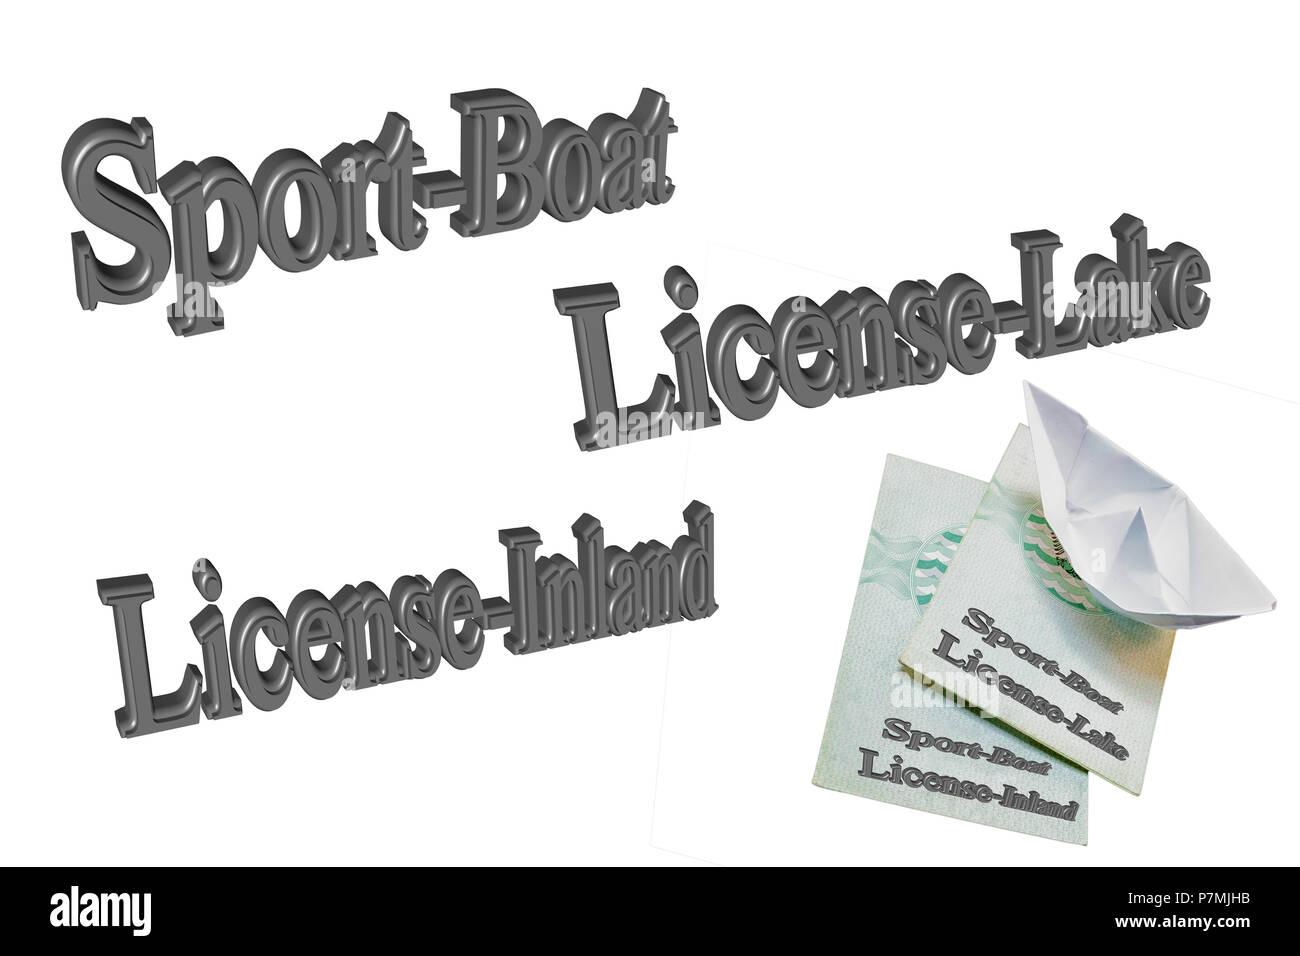 Texto en 3D en inglés 'Sport' Licencia barco contra el fondo blanco. Imagen De Stock